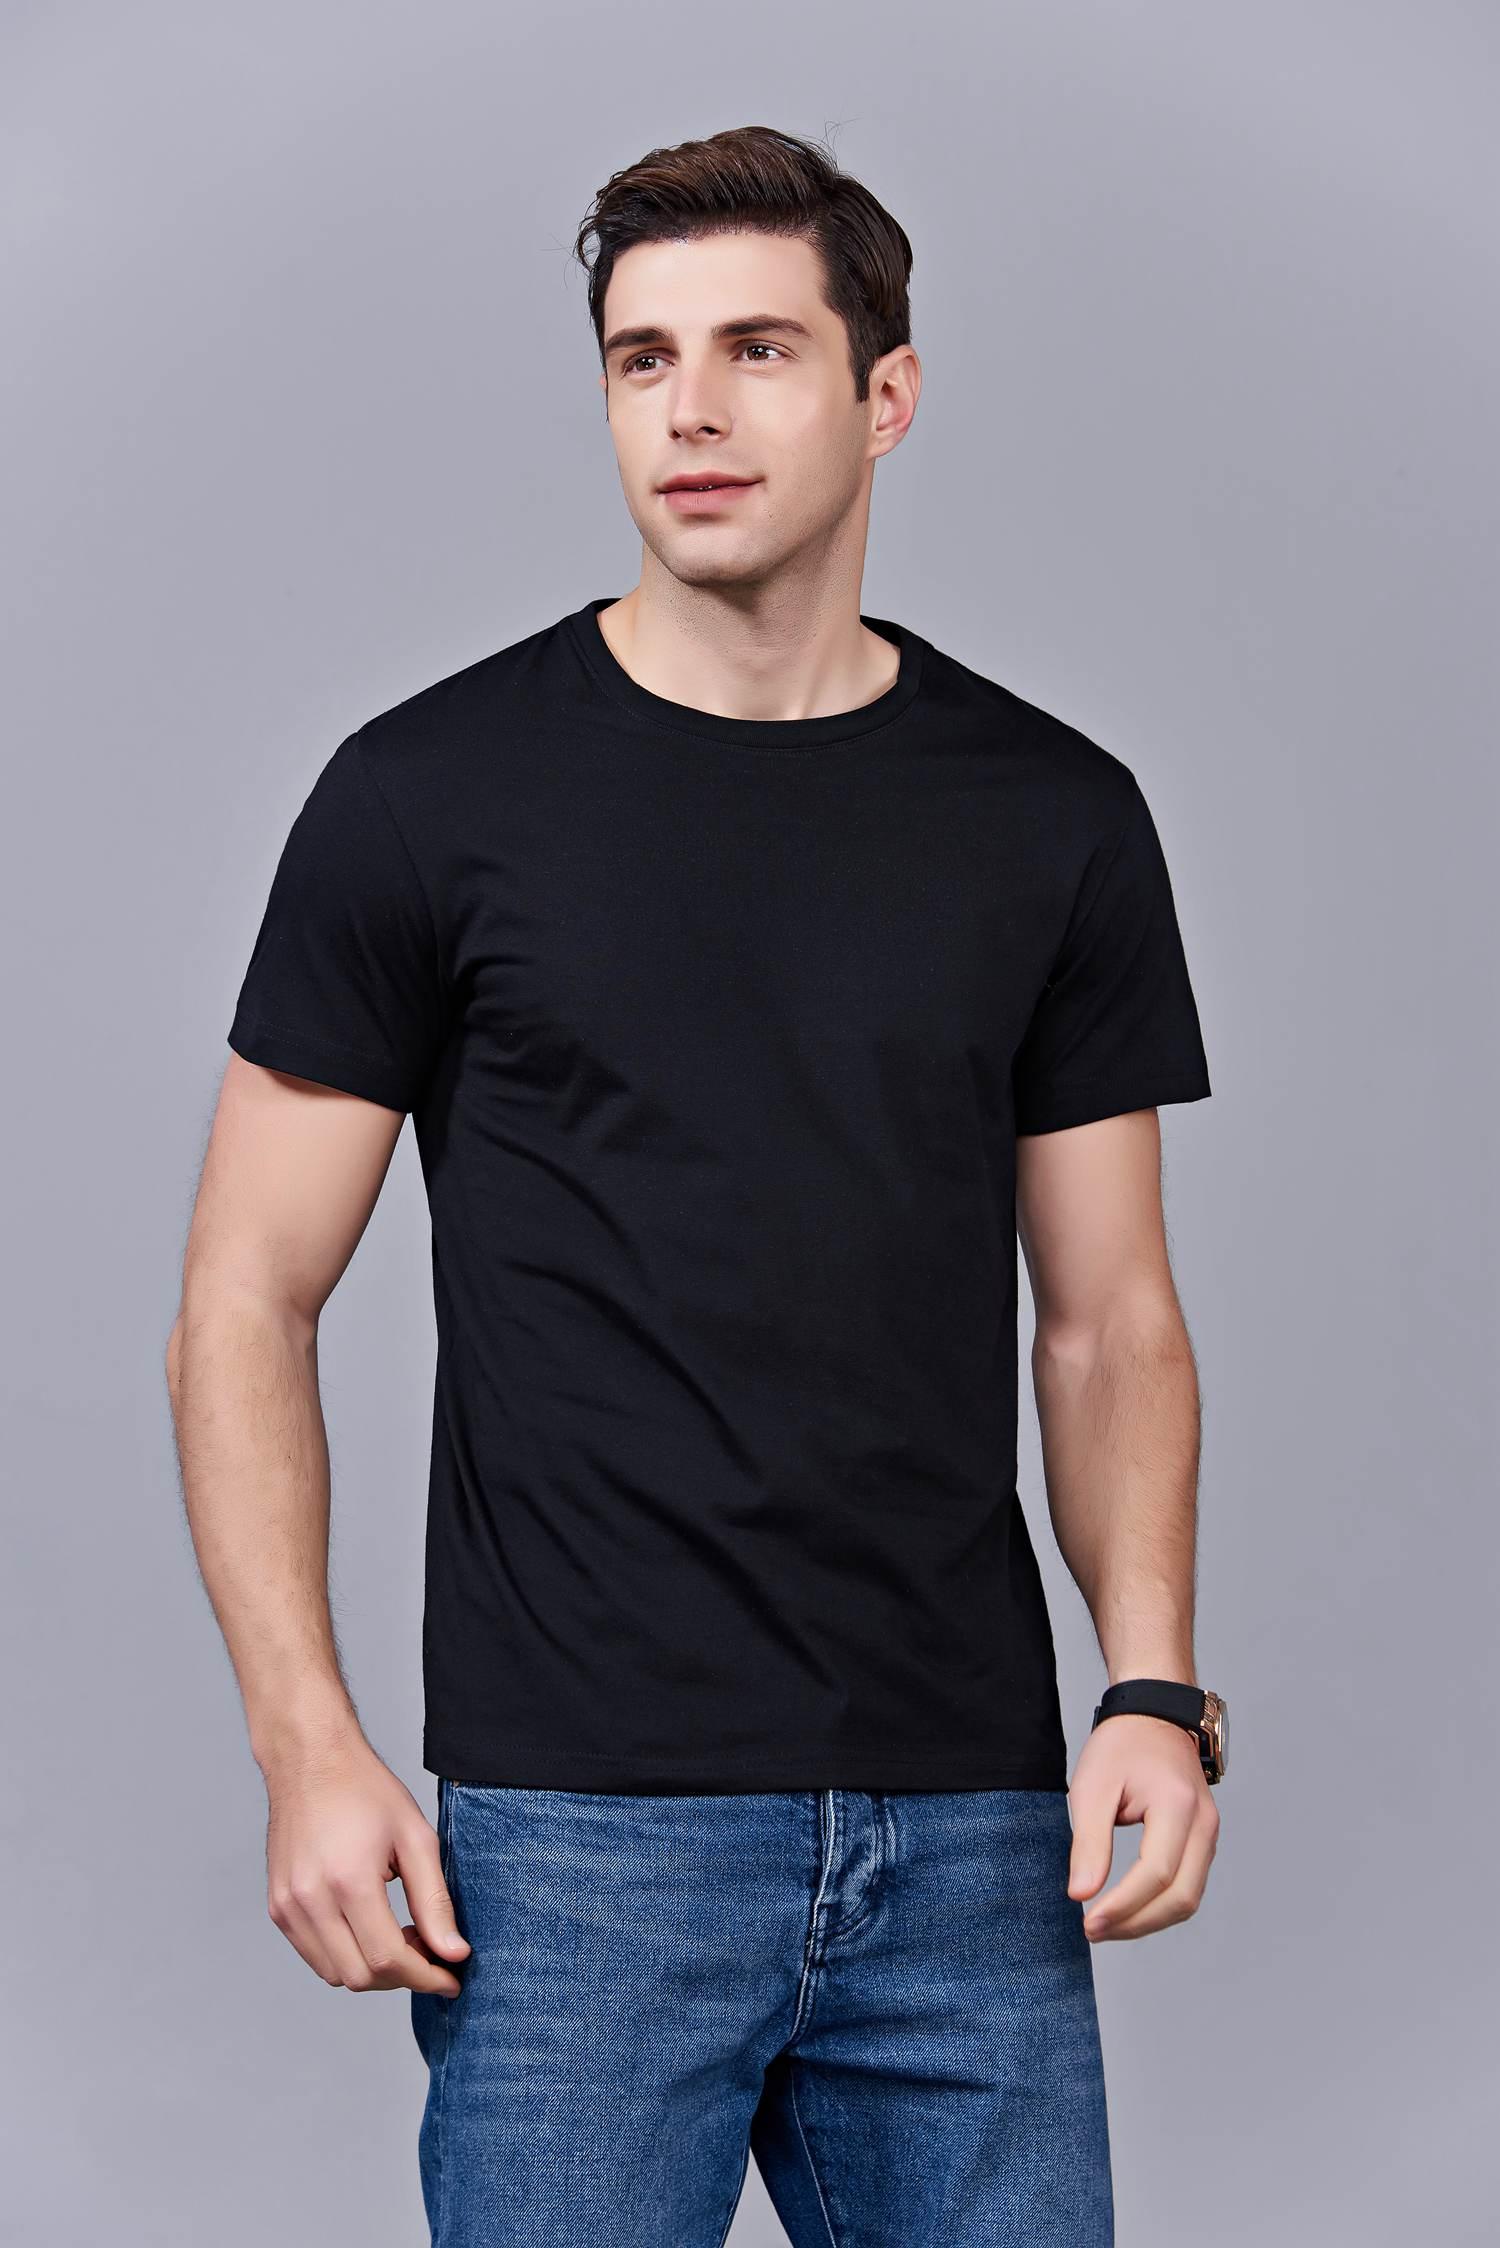 年会活动圆领高档长袖套头T恤定制同学聚会工作服定做T-19# 黑色